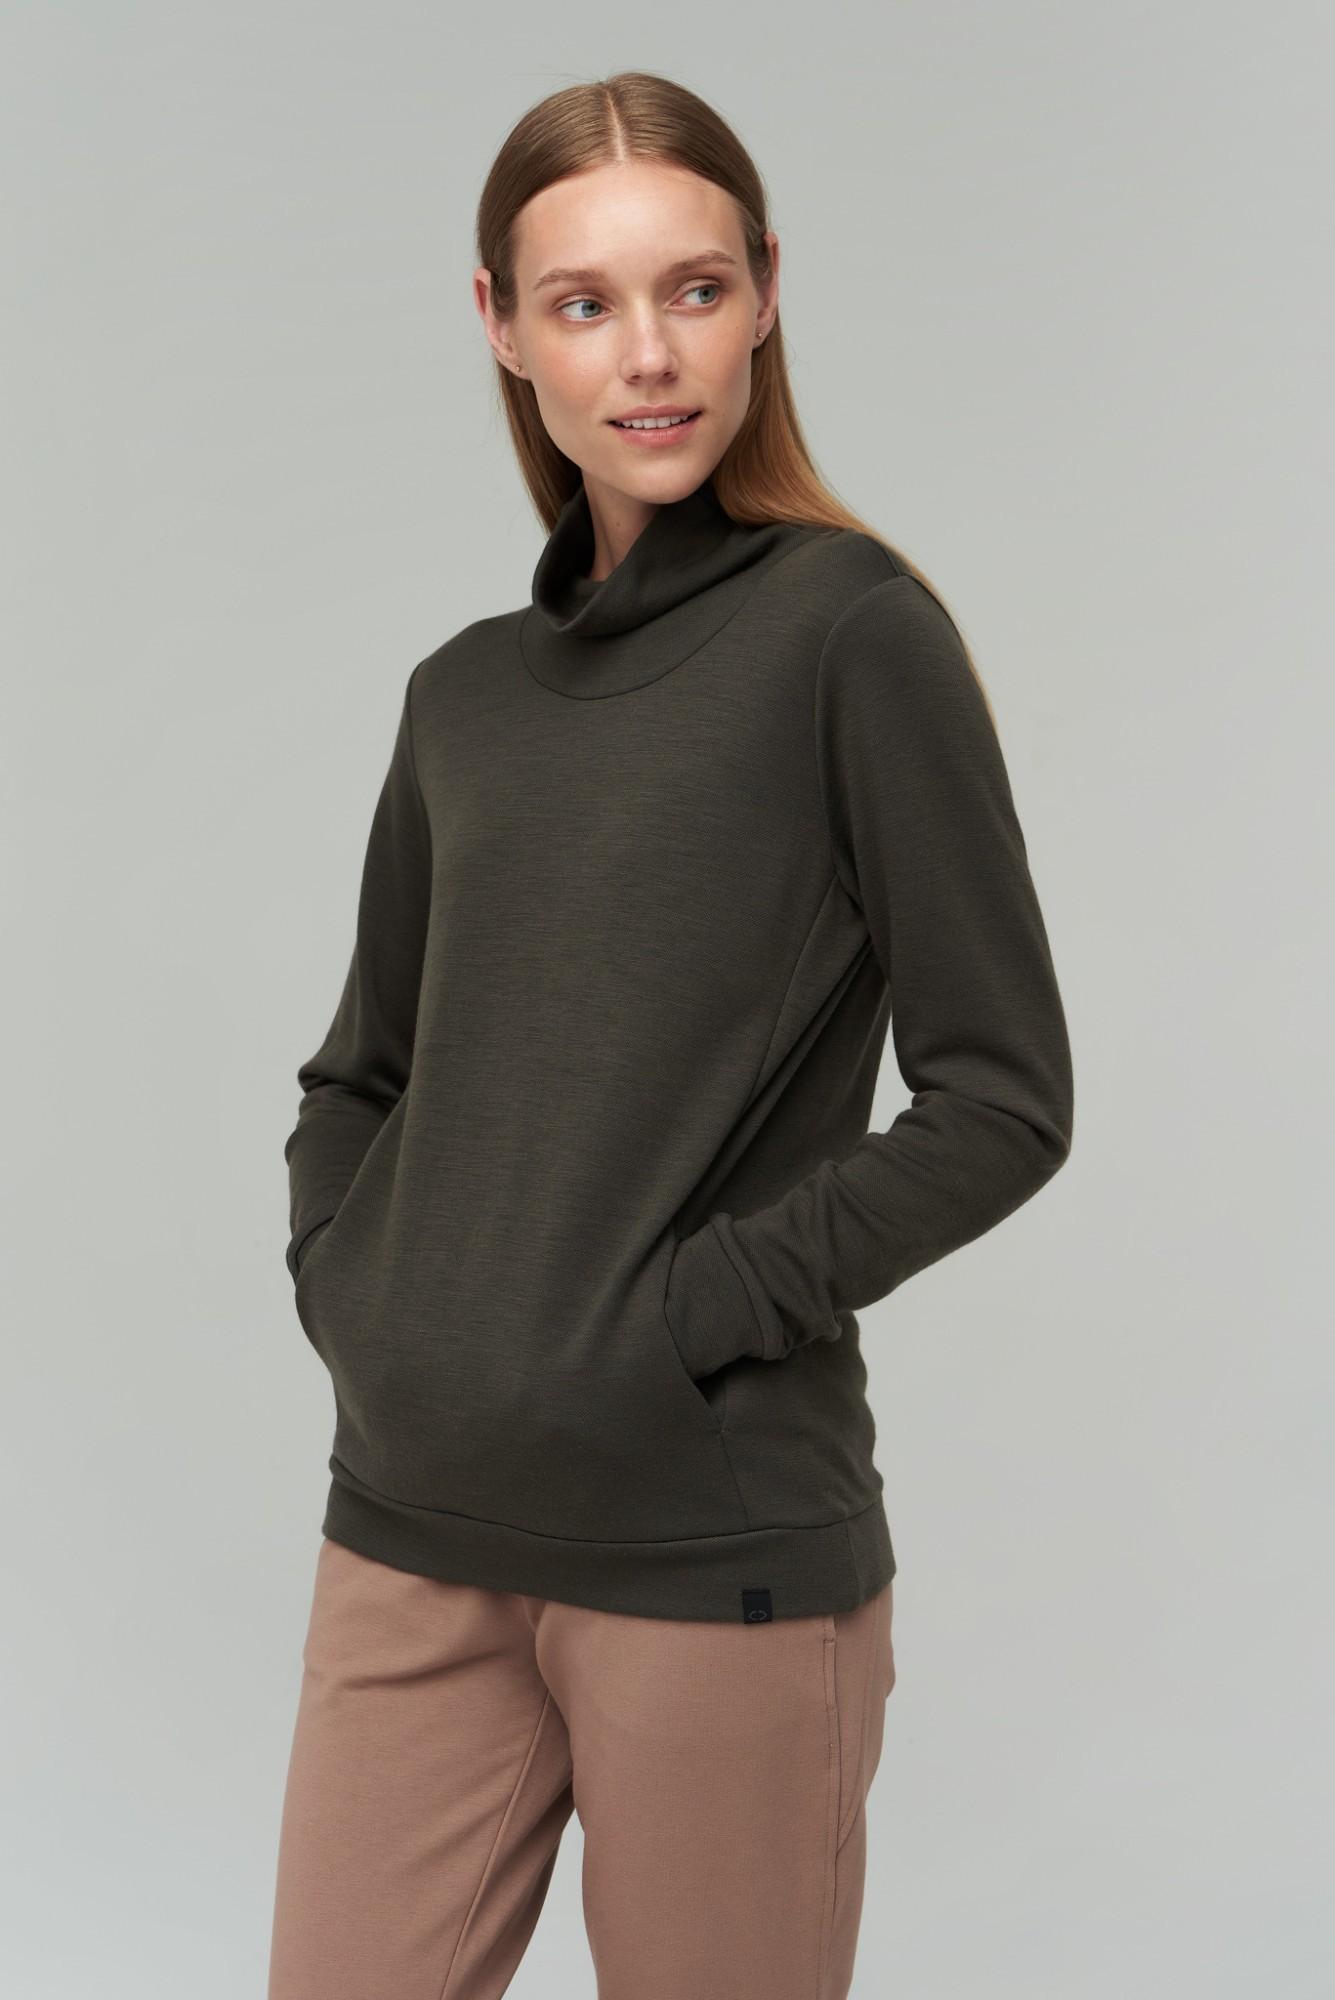 AUDIMAS Merino v.ir bambuko pluošto džemp.2021-162 Black Olive XS